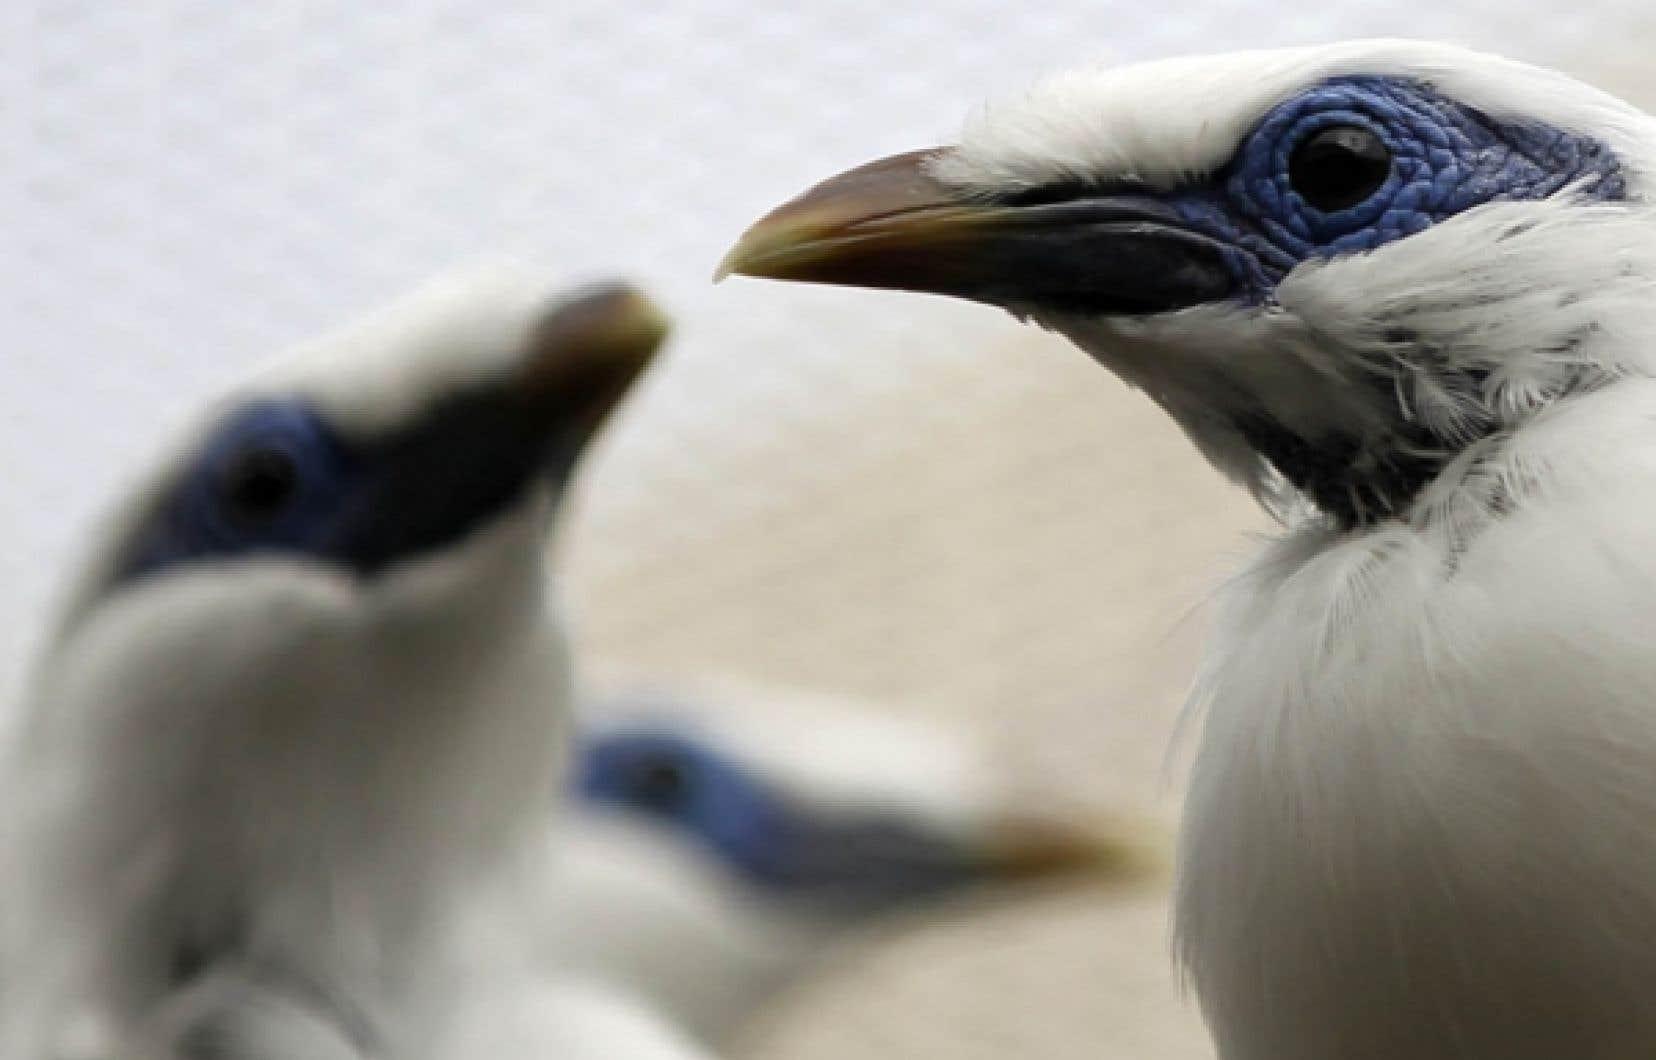 L'étourneau de Bali fait partie des espèces en voie d'extinction. Ces deux volatiles sont gardés au centre de recherche et de préservation de Yokohama, à l'abri du public.<br />